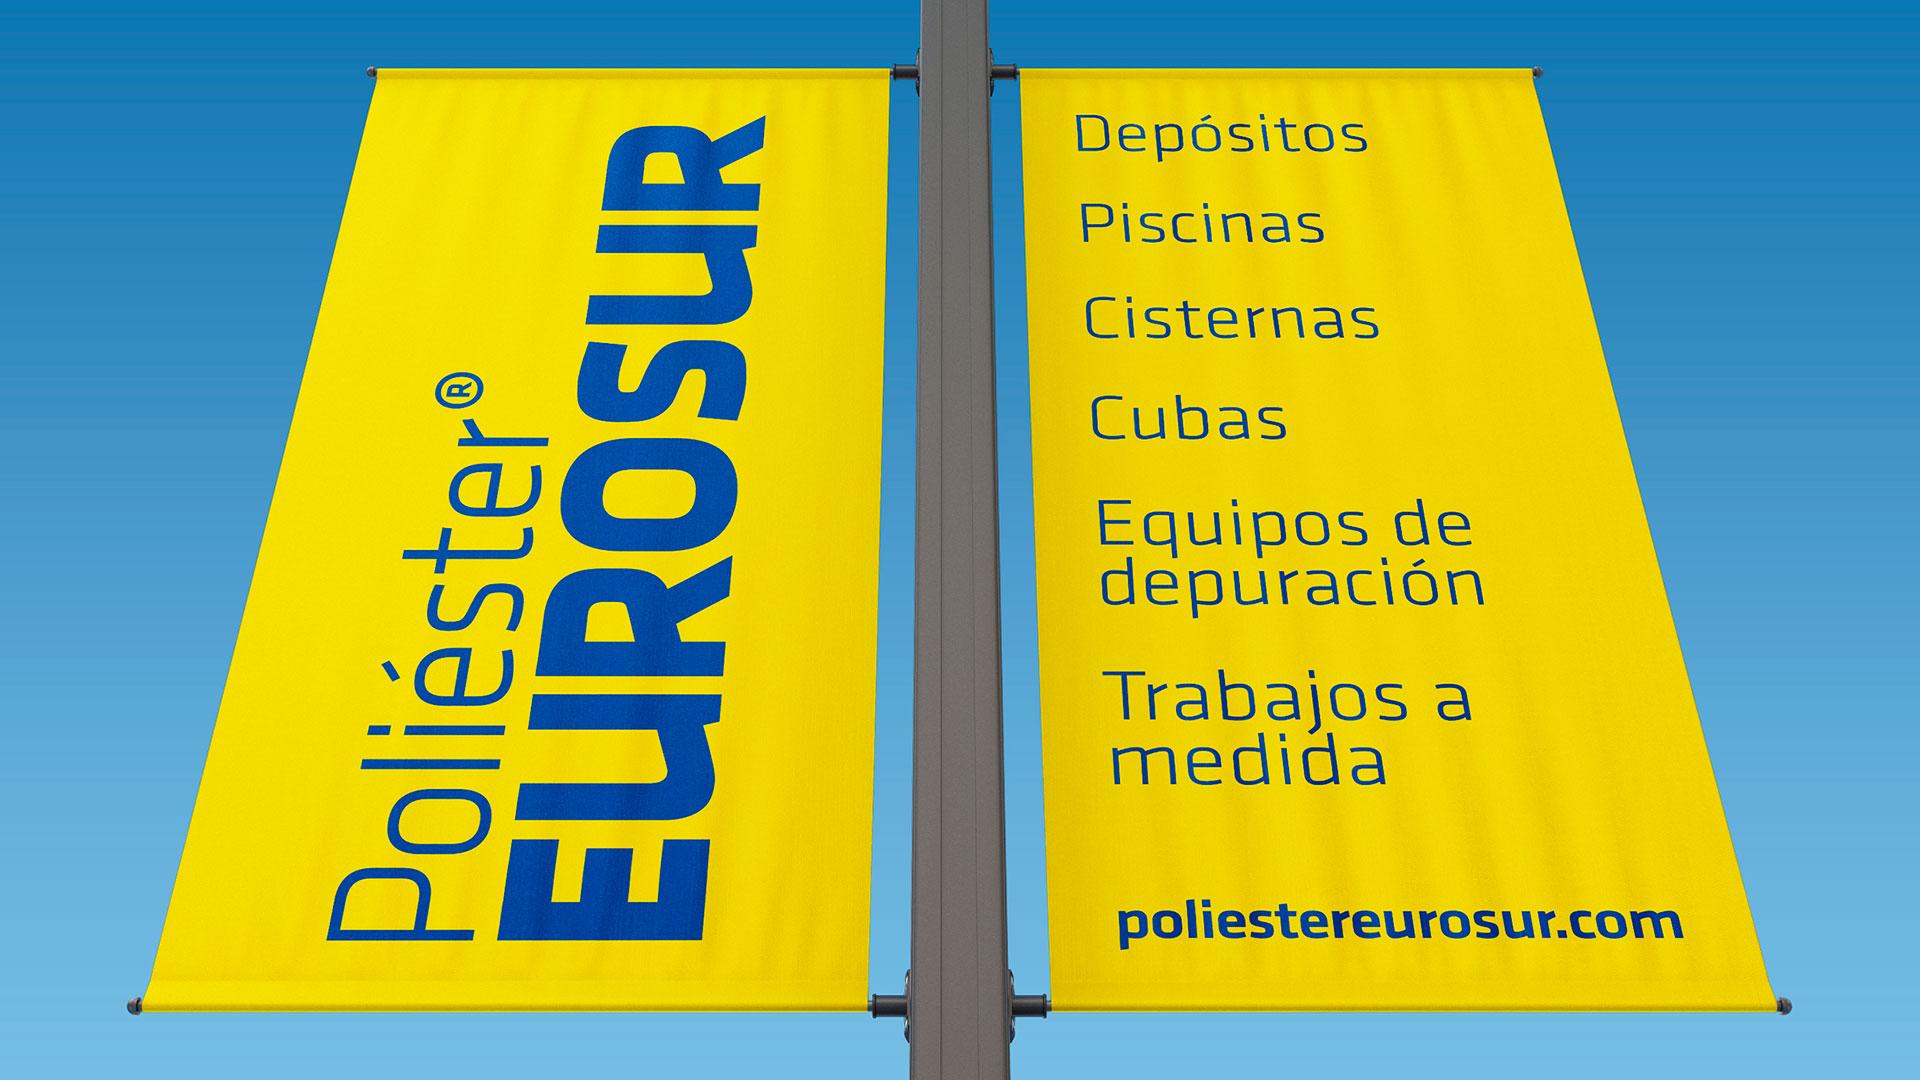 Poliéster Eurosur